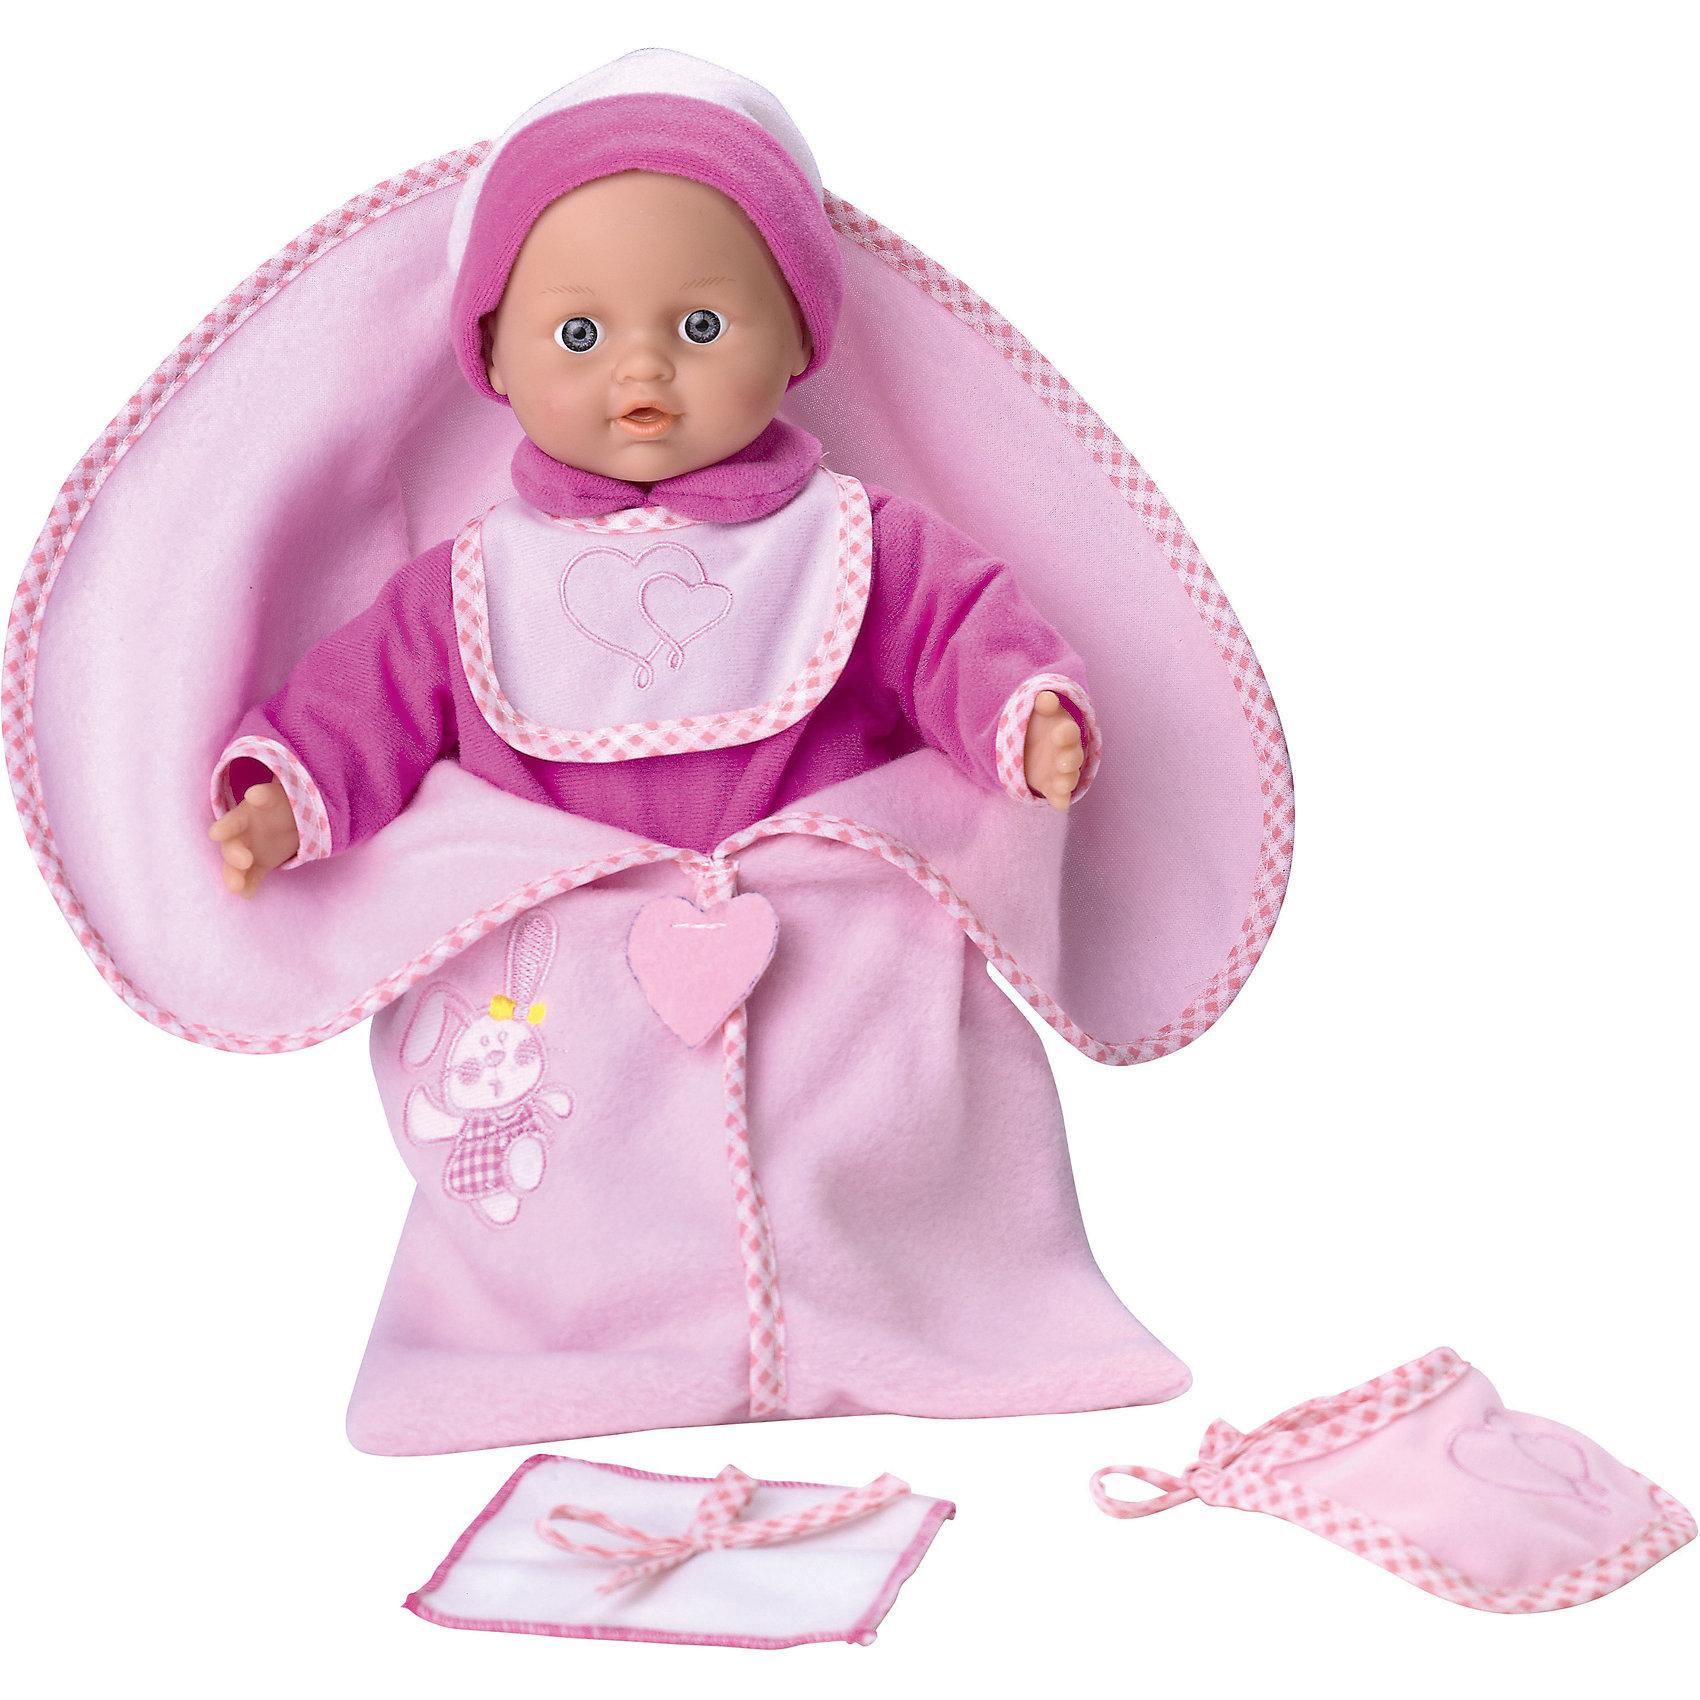 Кукла Tiny Baby с конвертом для новорожденных, Loko ToysКуклы-пупсы<br>Характеристики товара:<br><br>• возраст: от 10 месяцев;<br>• материал: пластик, текстиль, ПВХ;<br>• в комплекте: кукла, конверт;<br>• высота куклы: 30 см;<br>• тип батареек: 3 батарейки LR44;<br>• наличие батареек: в комплекте;<br>• размер упаковки: 38х28х11,5 см;<br>• вес упаковки: 600 гр.;<br>• страна производитель: Китай;<br>• товар представлен в ассортименте, нет возможности выбрать конкретную расцветку.<br><br>Кукла «Tiny Baby» Loko Toys с конвертом для новорожденных одета в розовый мягкий костюмчик и шапочку. На шее повязан слюнявчик. В комплекте идет мягкий в конверт, укутав малыша в который, он сможет сладко поспать. Игра с куклой привьет девочке любовь, чувство ответственности, заботы и помощи окружающим. Нажав на животик, кукла начнет плакать, а маленькая заботливая мама может покачать пупса и успокоить.<br><br>Куклу «Tiny Baby» Loko Toys с конвертом для новорожденных можно приобрести в нашем интернет-магазине.<br><br>Ширина мм: 280<br>Глубина мм: 110<br>Высота мм: 380<br>Вес г: 600<br>Возраст от месяцев: 10<br>Возраст до месяцев: 2147483647<br>Пол: Женский<br>Возраст: Детский<br>SKU: 6759066